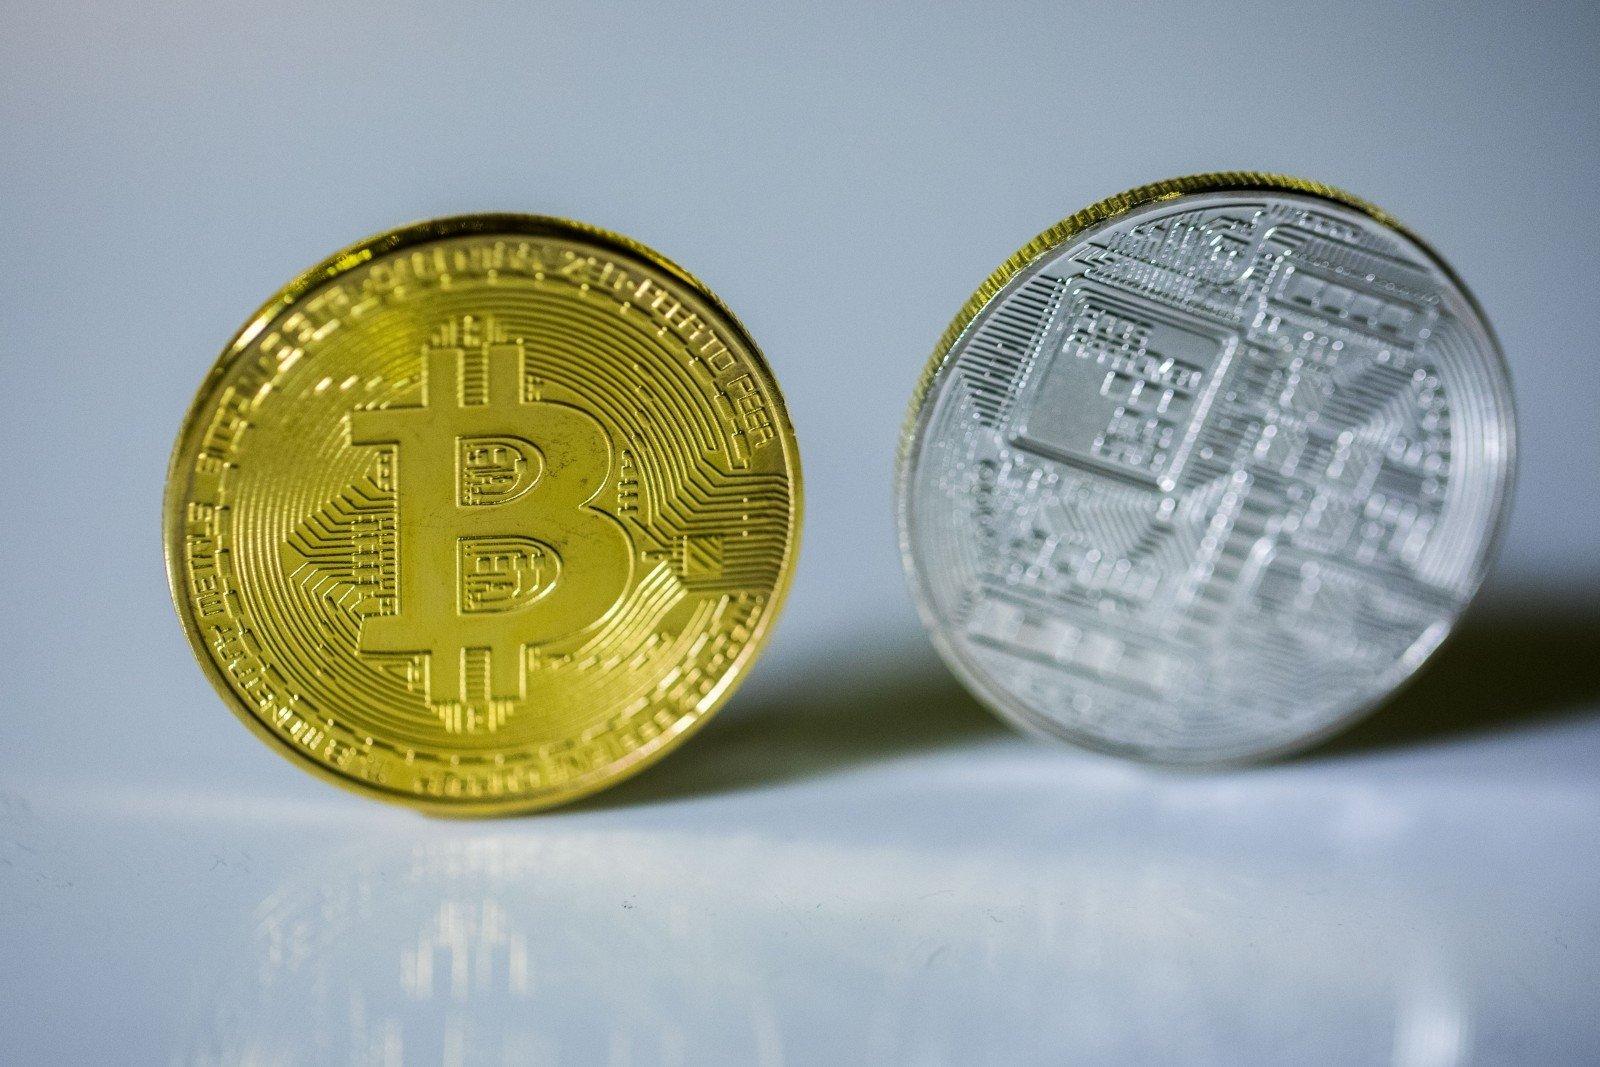 Būdamas 17 metų galiu prekiauti bitkoinais